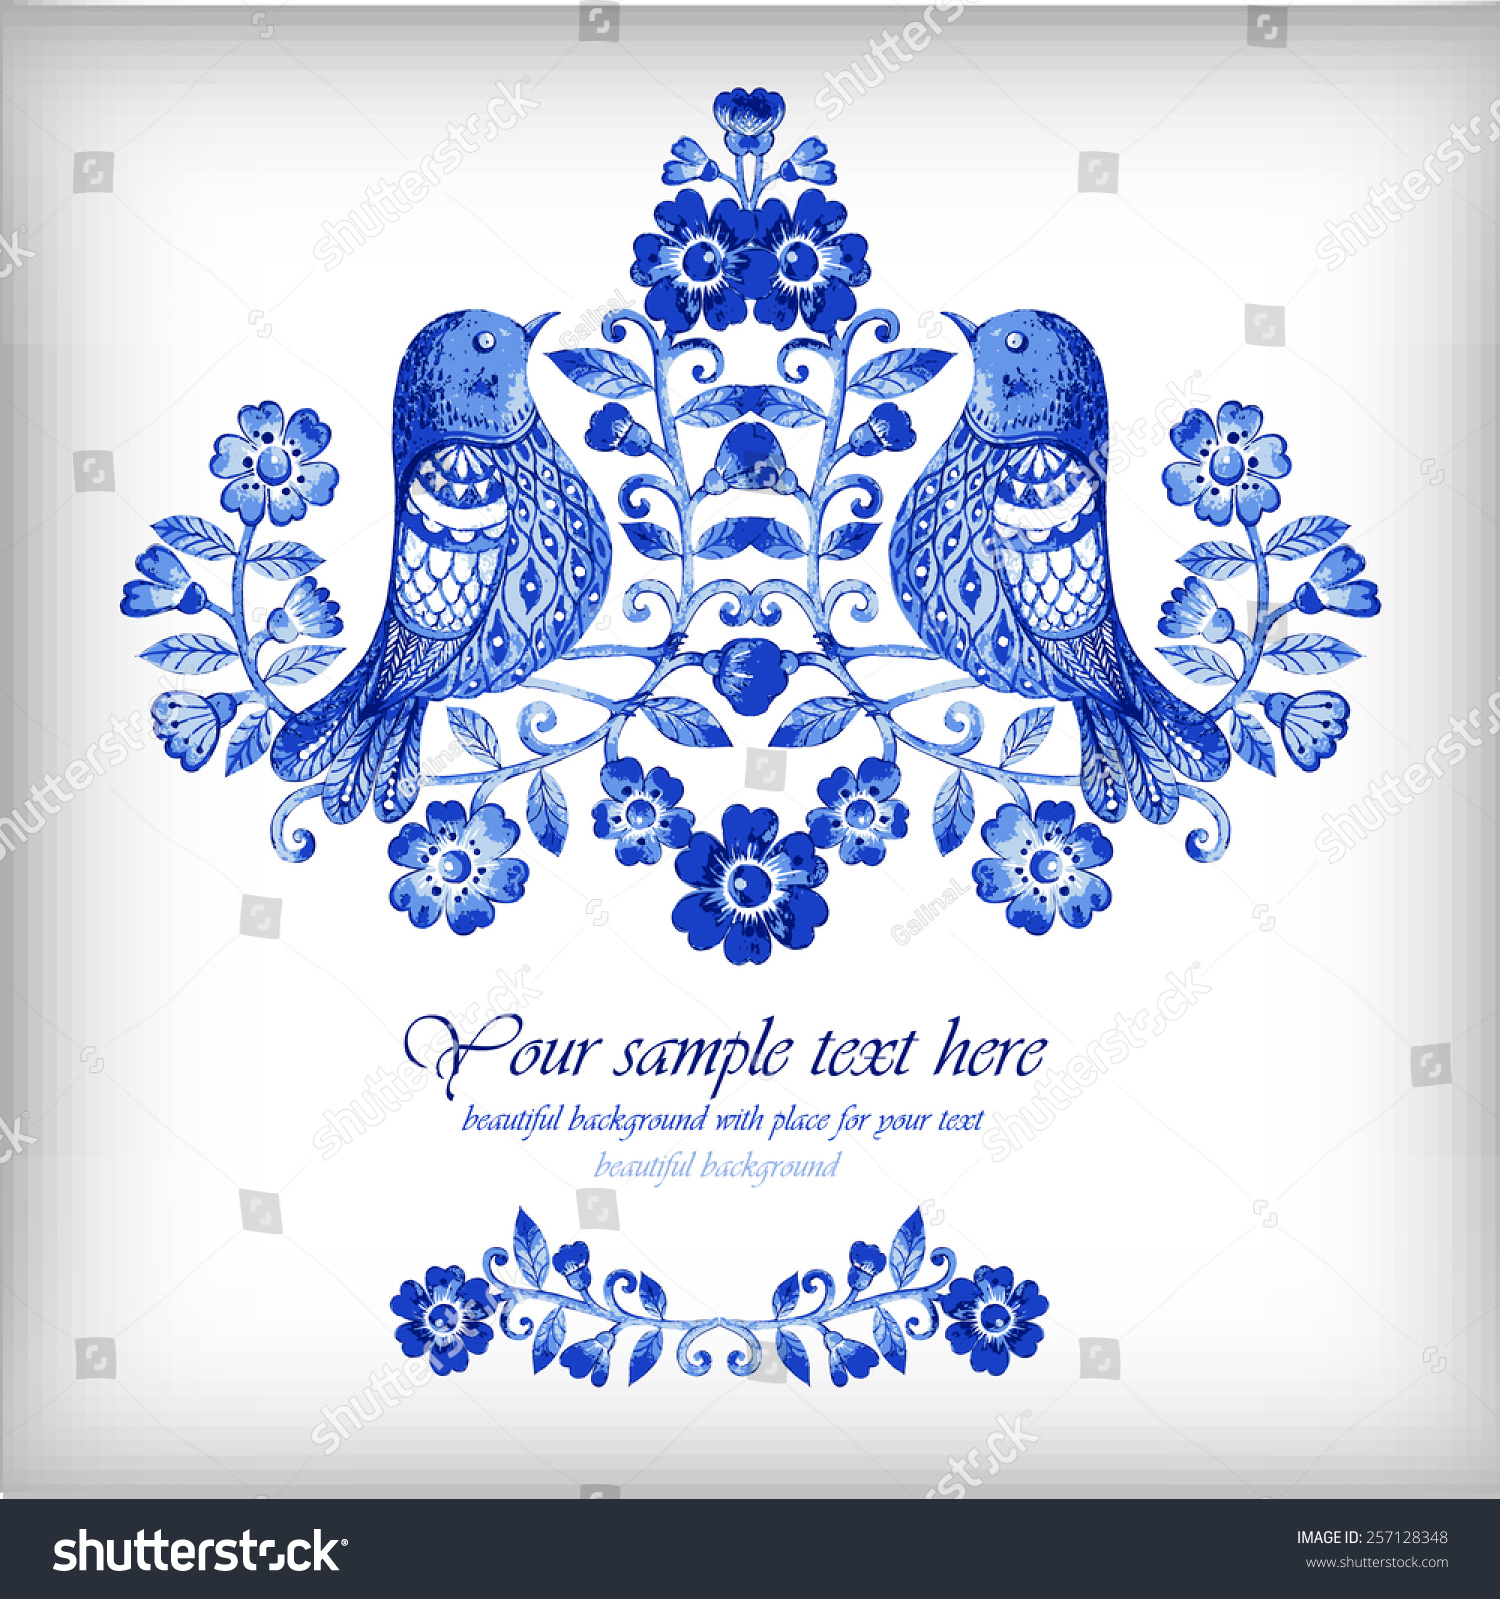 向量的水彩背景与蓝色的花和鸟-背景/素材,抽象-海洛